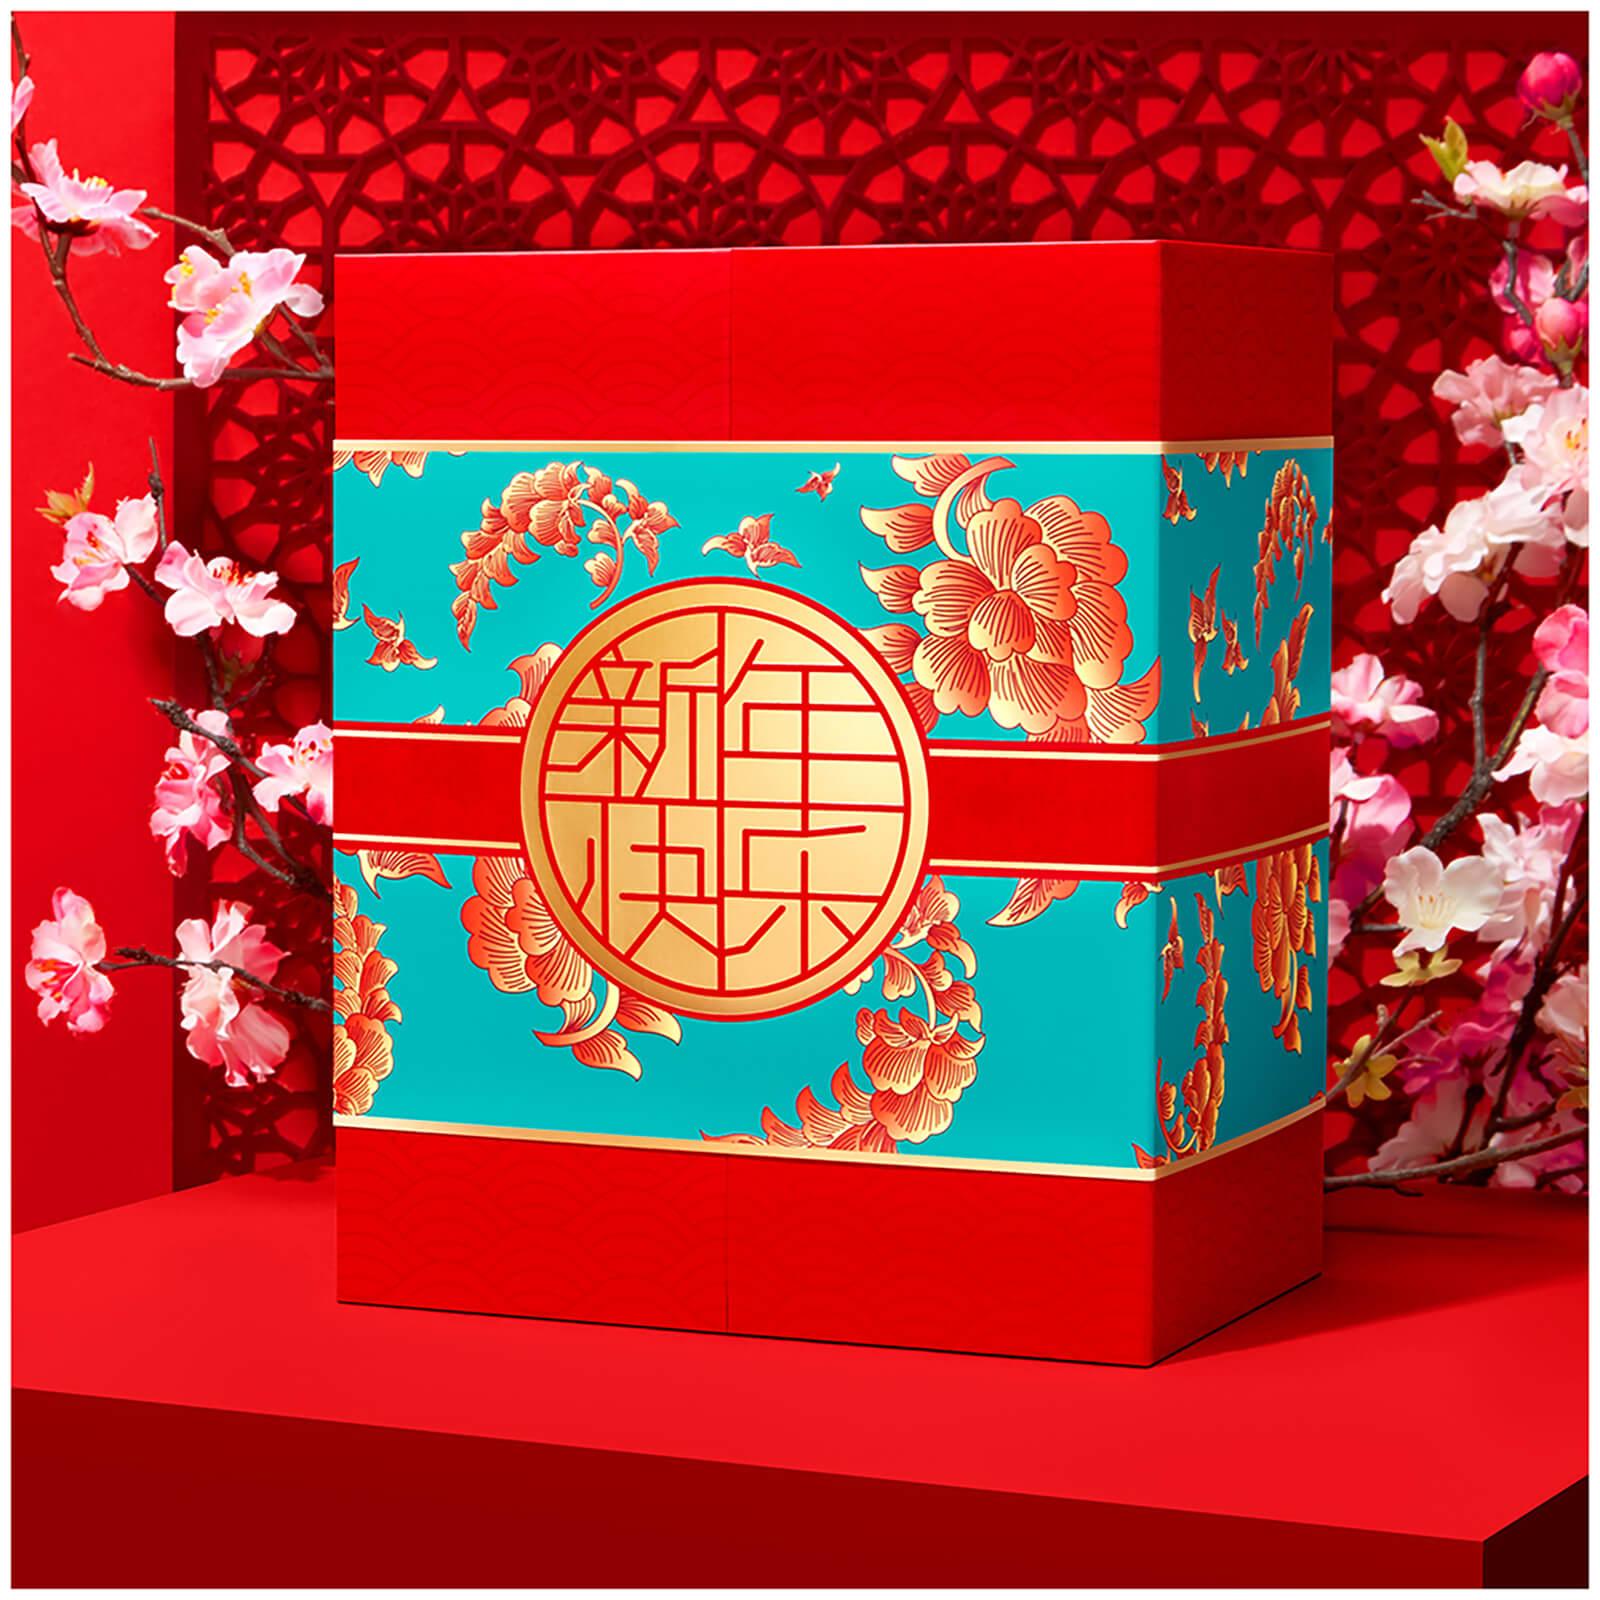 迎新春!2020 lookfantastic 中国新年春意繁花盒